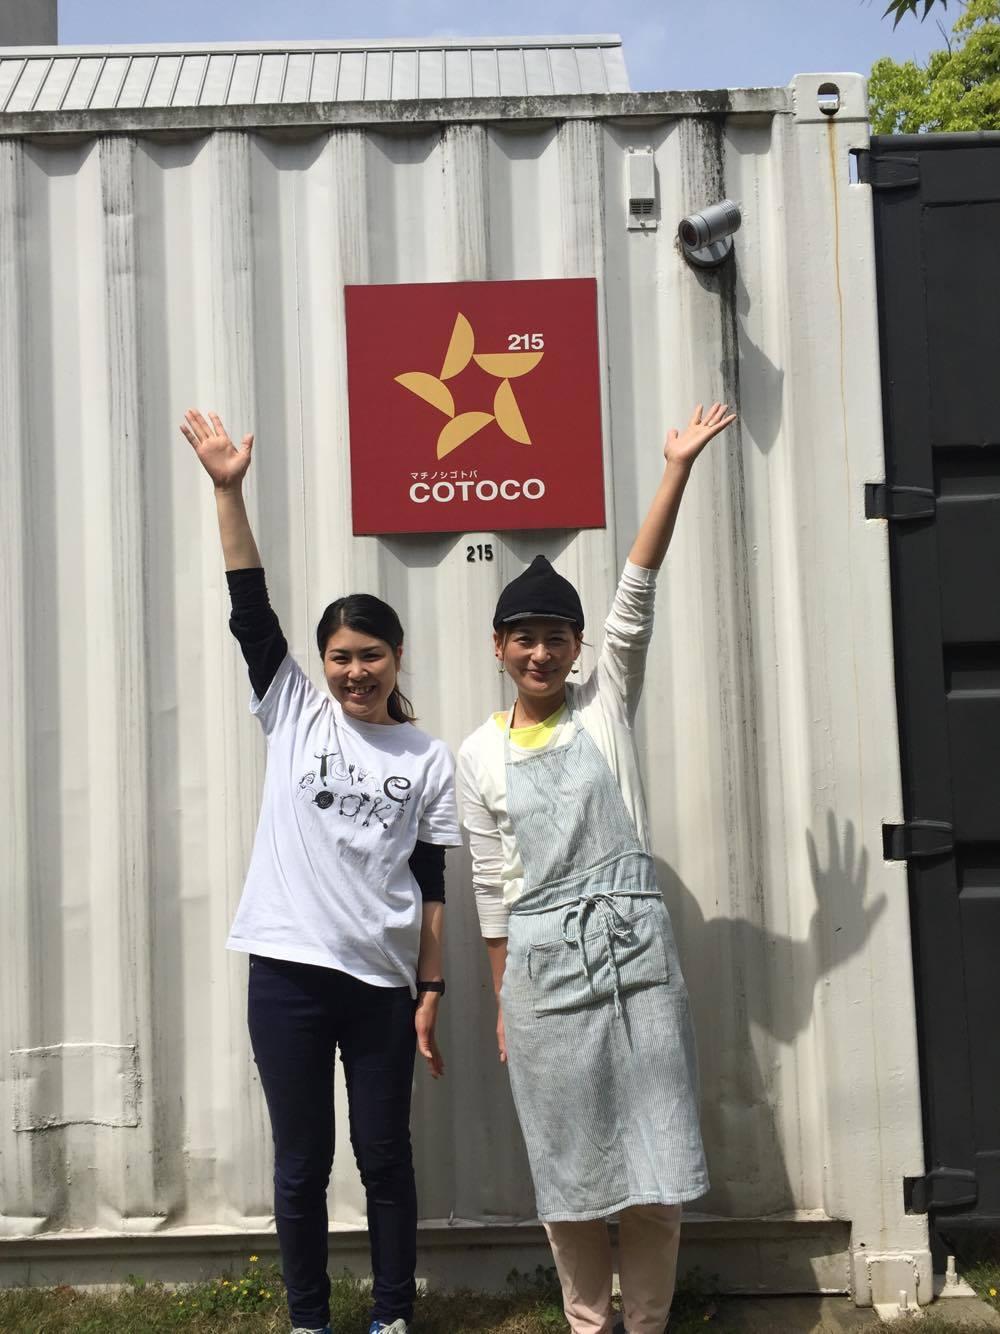 ▲COTOCO215スタッフ田中さん(左)とシトカチッタの野尻さん(右)。